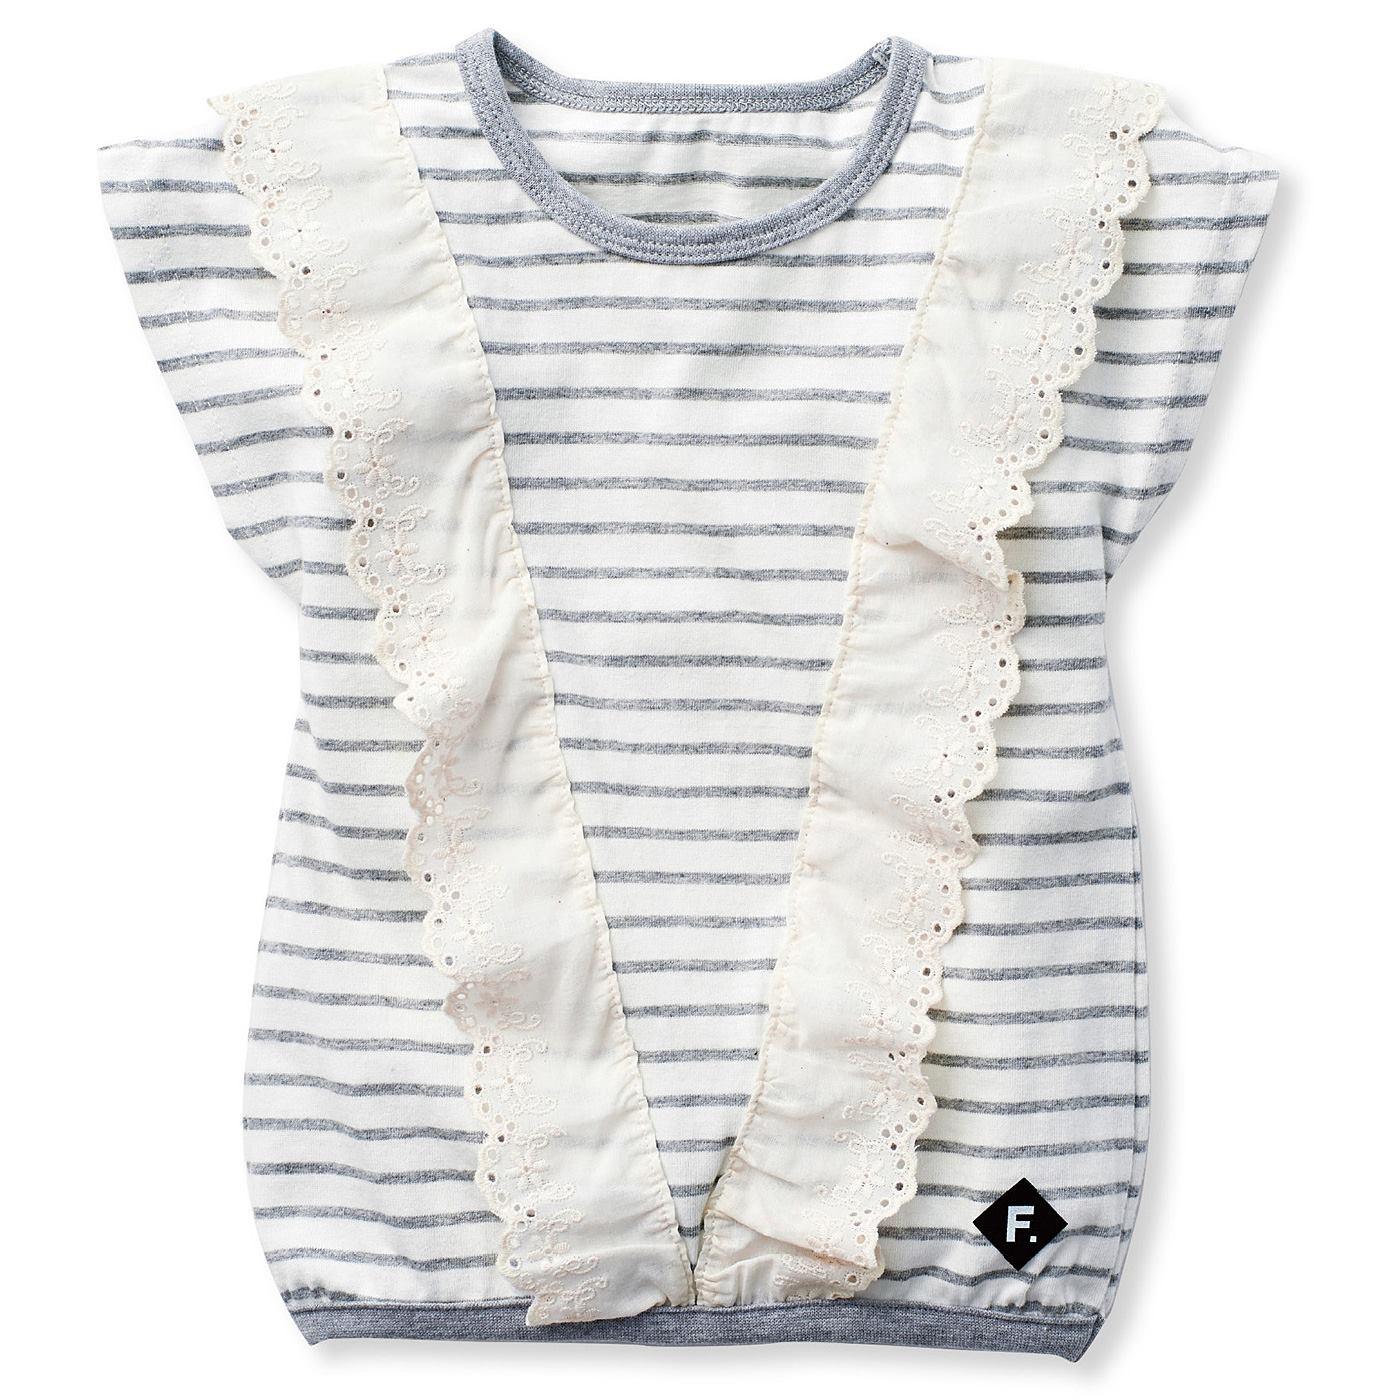 ボーダーTシャツにV字にあしらったスカラップレースで、甘すぎない上品な女の子らしさ。